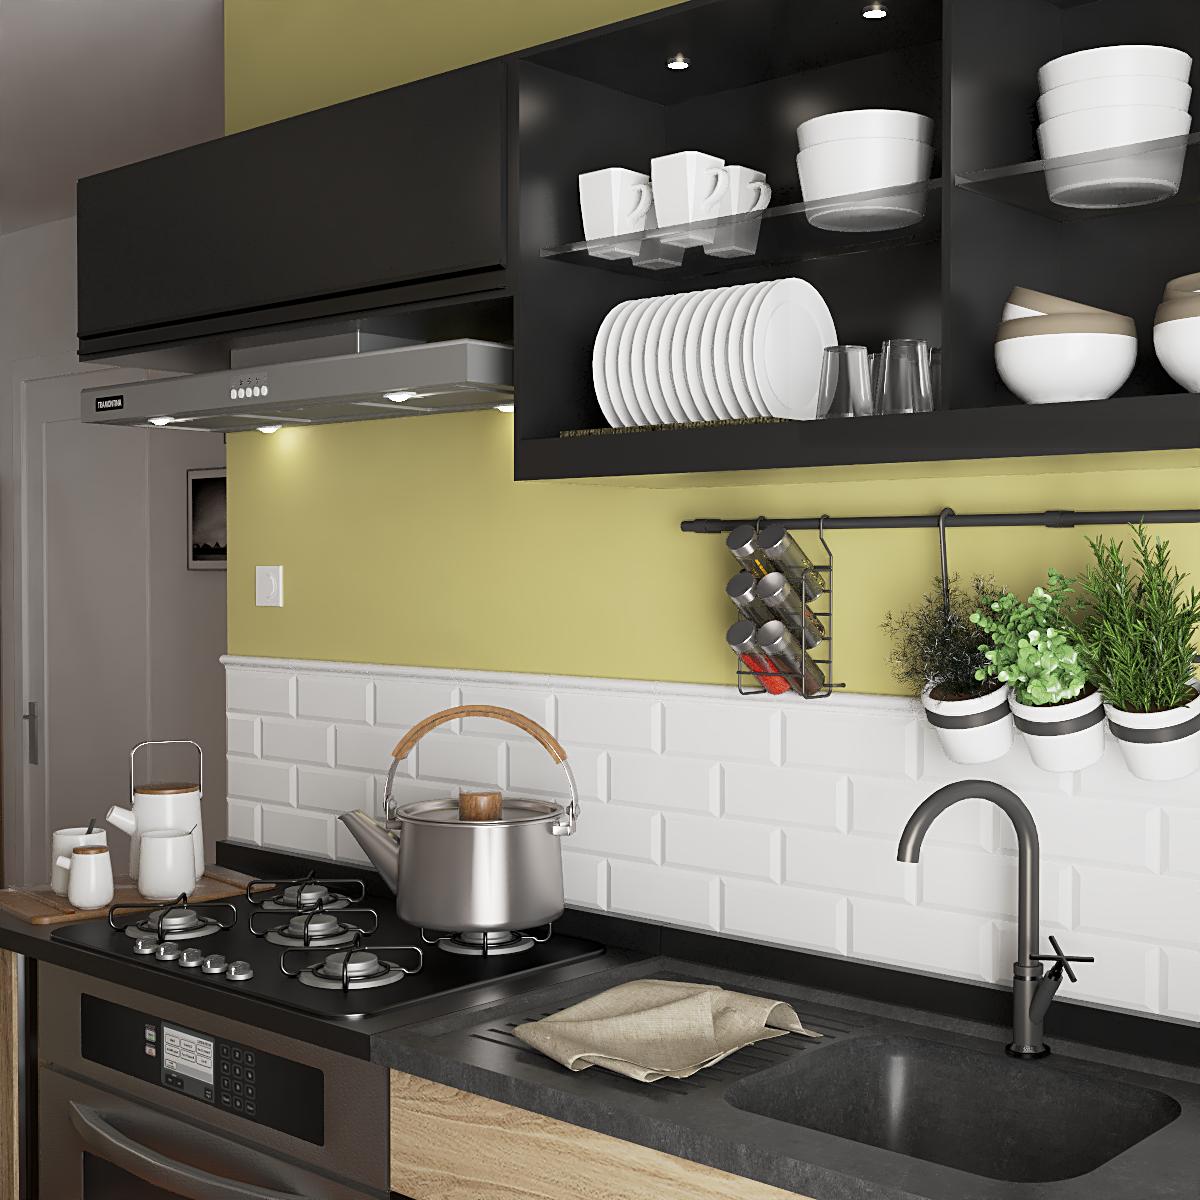 Petit cuisine pour appartement - Maison & Vous